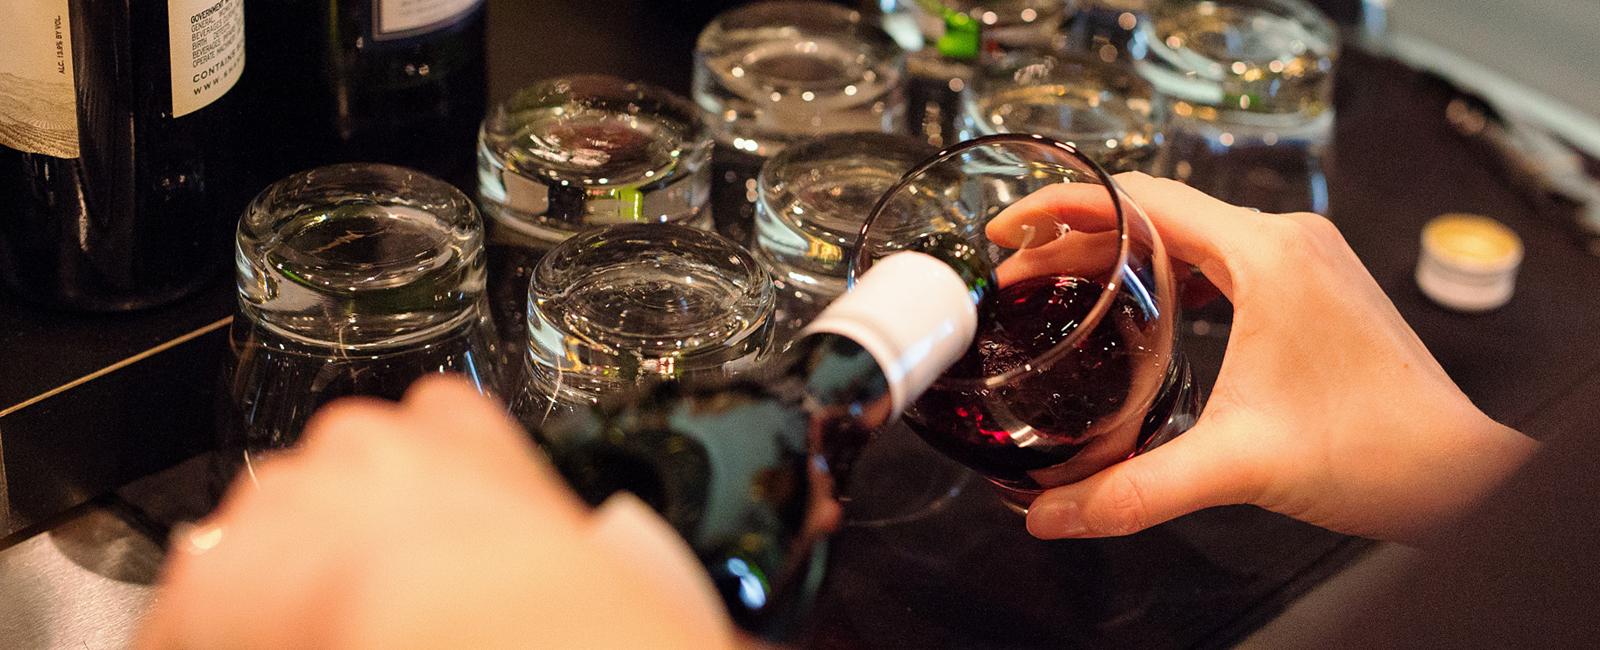 fs_wine_pour_horiz